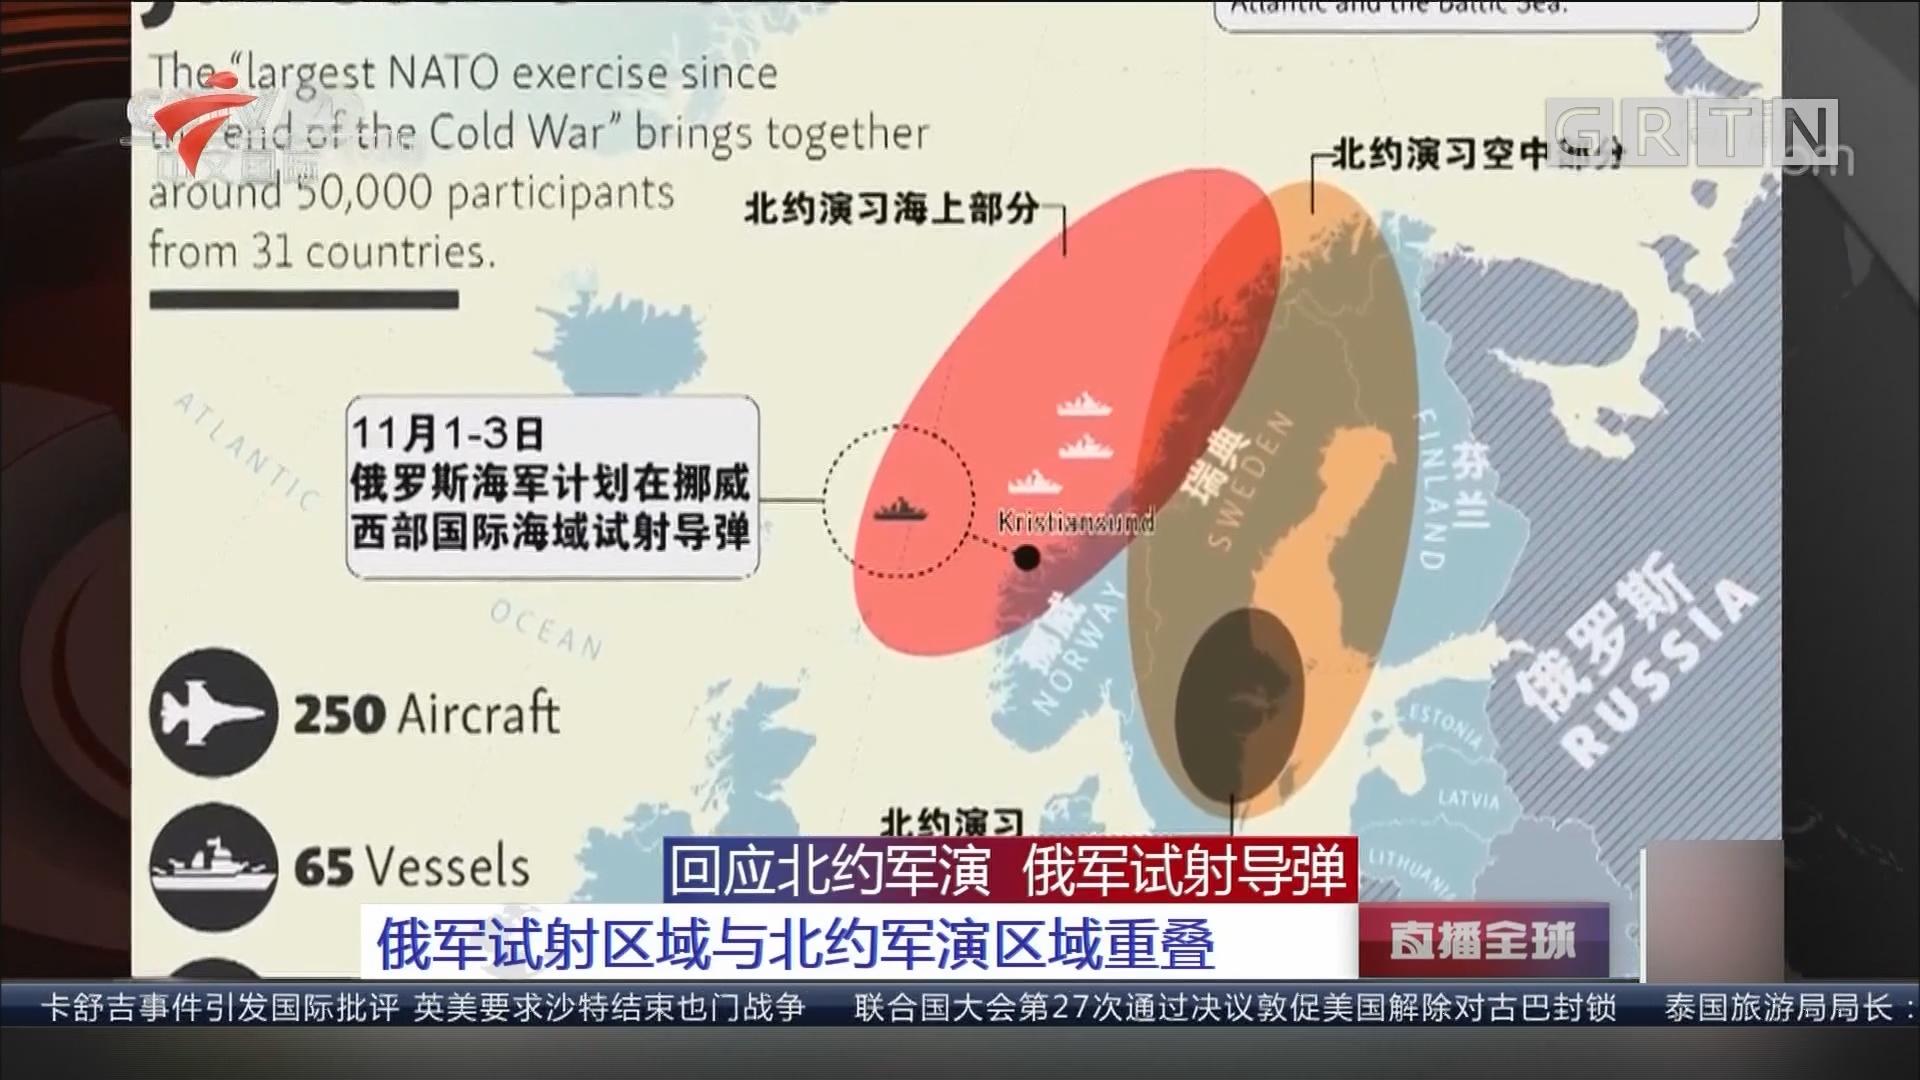 回应北约军演 俄军试射导弹:俄军试射区域与北约军演区域重叠